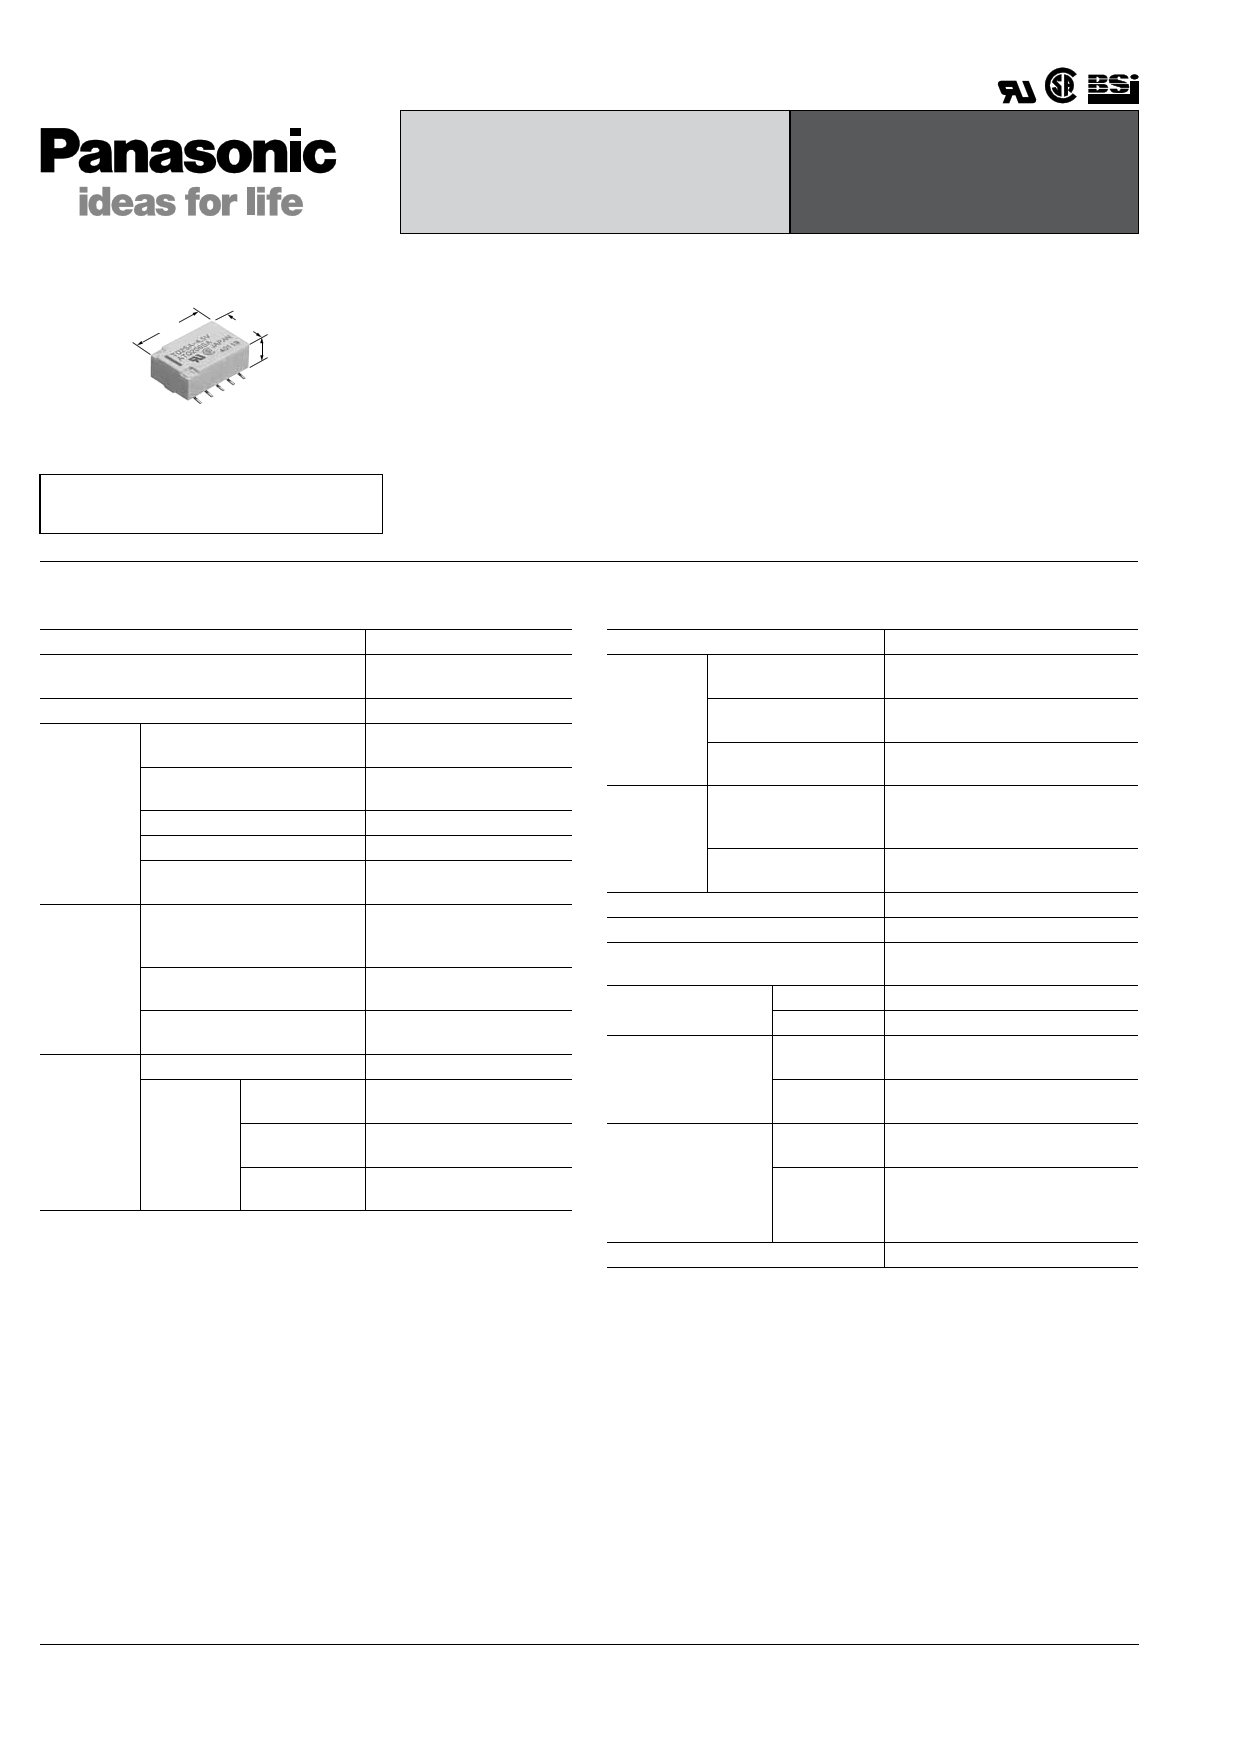 TQ2SS-L2-24V 데이터시트 및 TQ2SS-L2-24V PDF